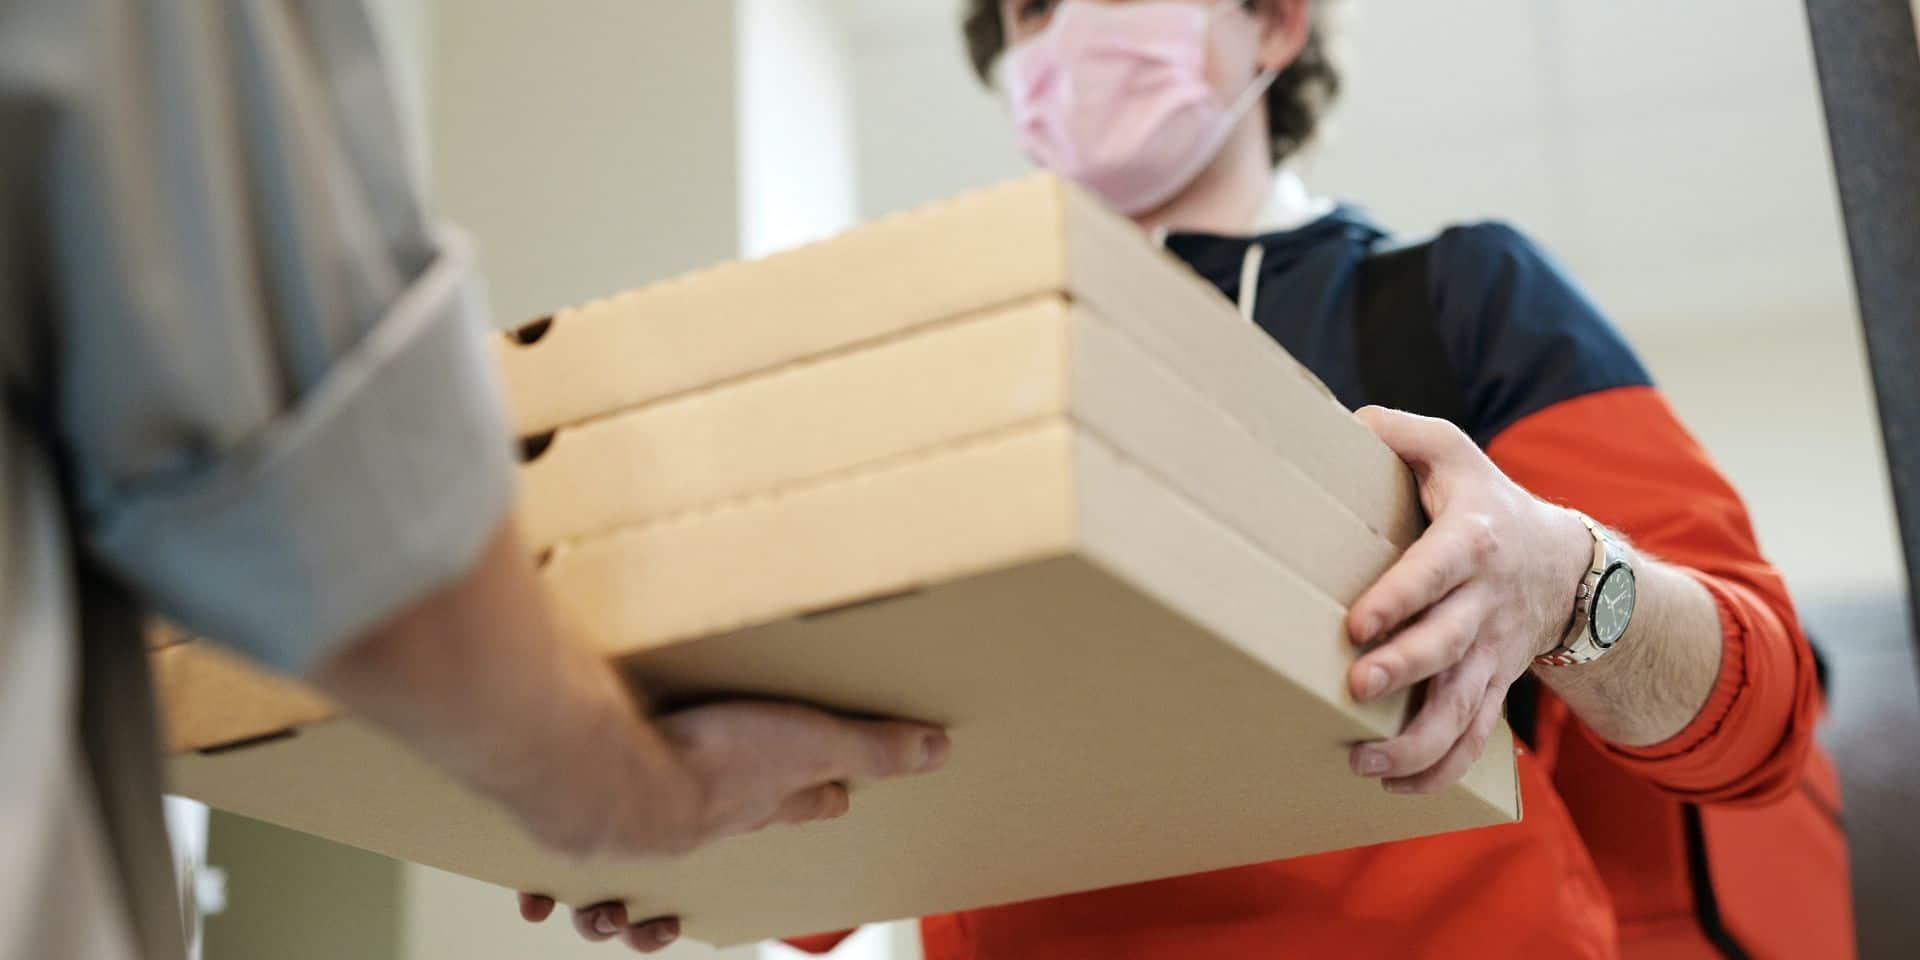 En Australie, la mort de livreurs de repas met en lumière leurs terribles conditions de travail